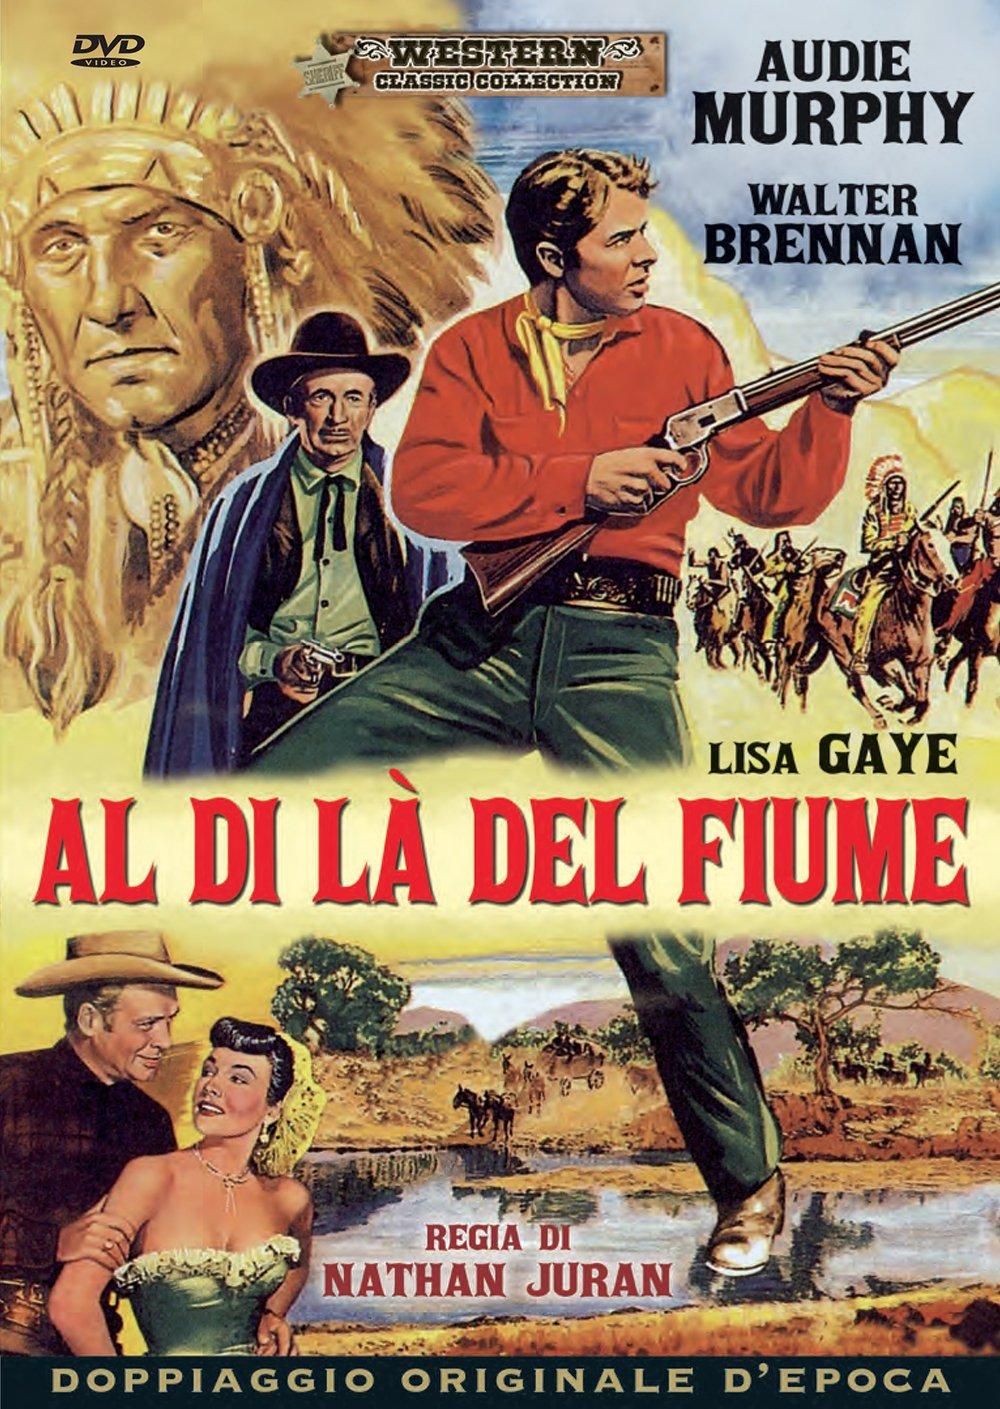 AL DI LA' DEL FIUME (DVD)